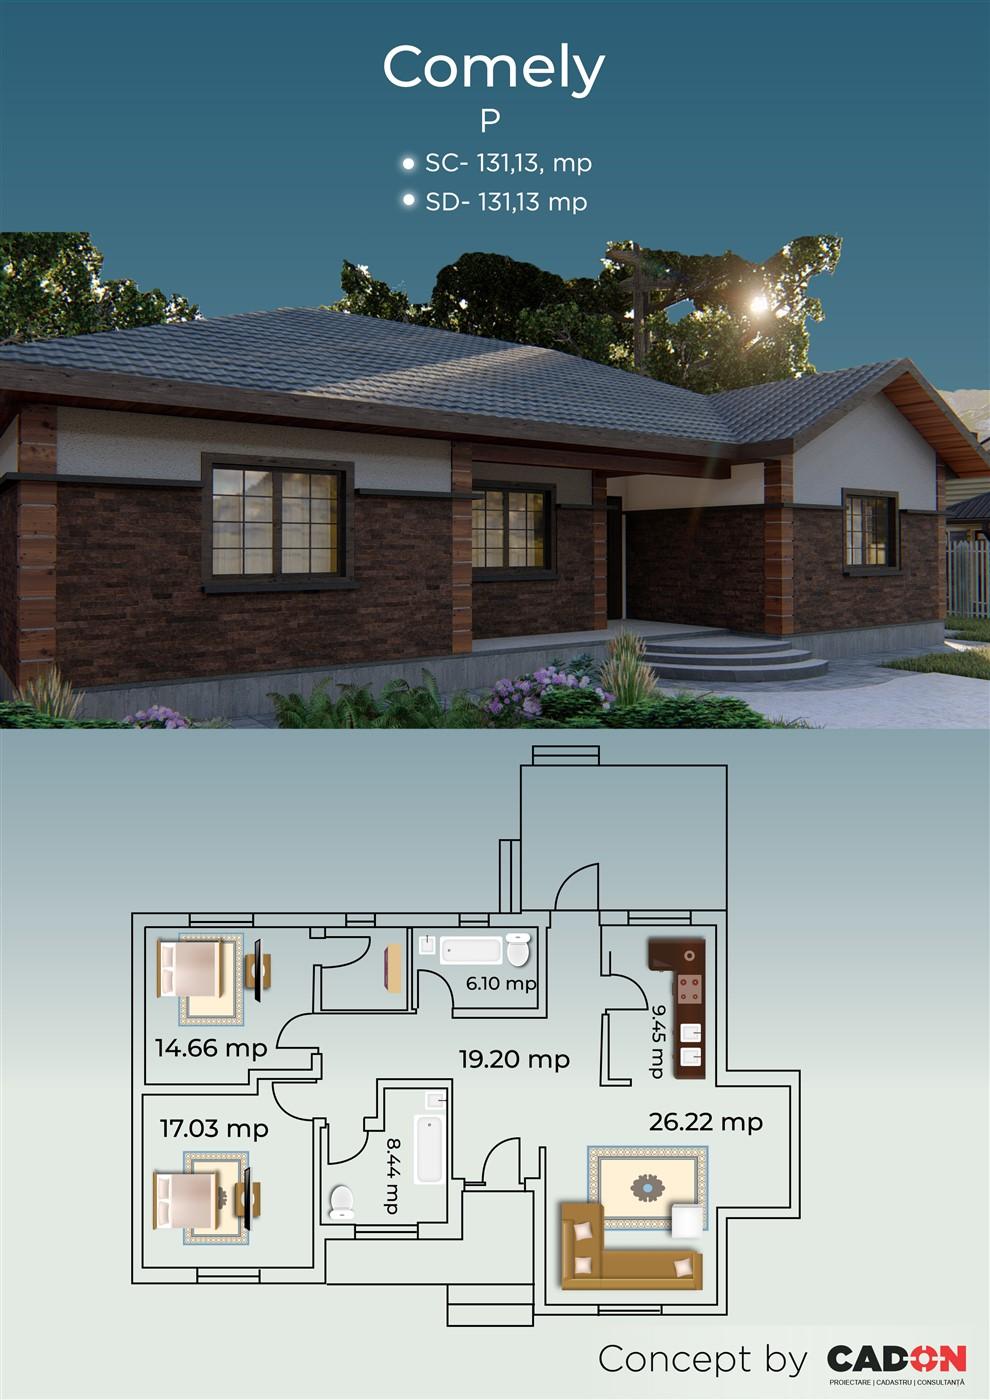 locuinta individuala, casa Comely, proiect locuinta, parter, locuinta incapatoare, Cad-on.ro, curte, gradina, terasa, locuinta mica